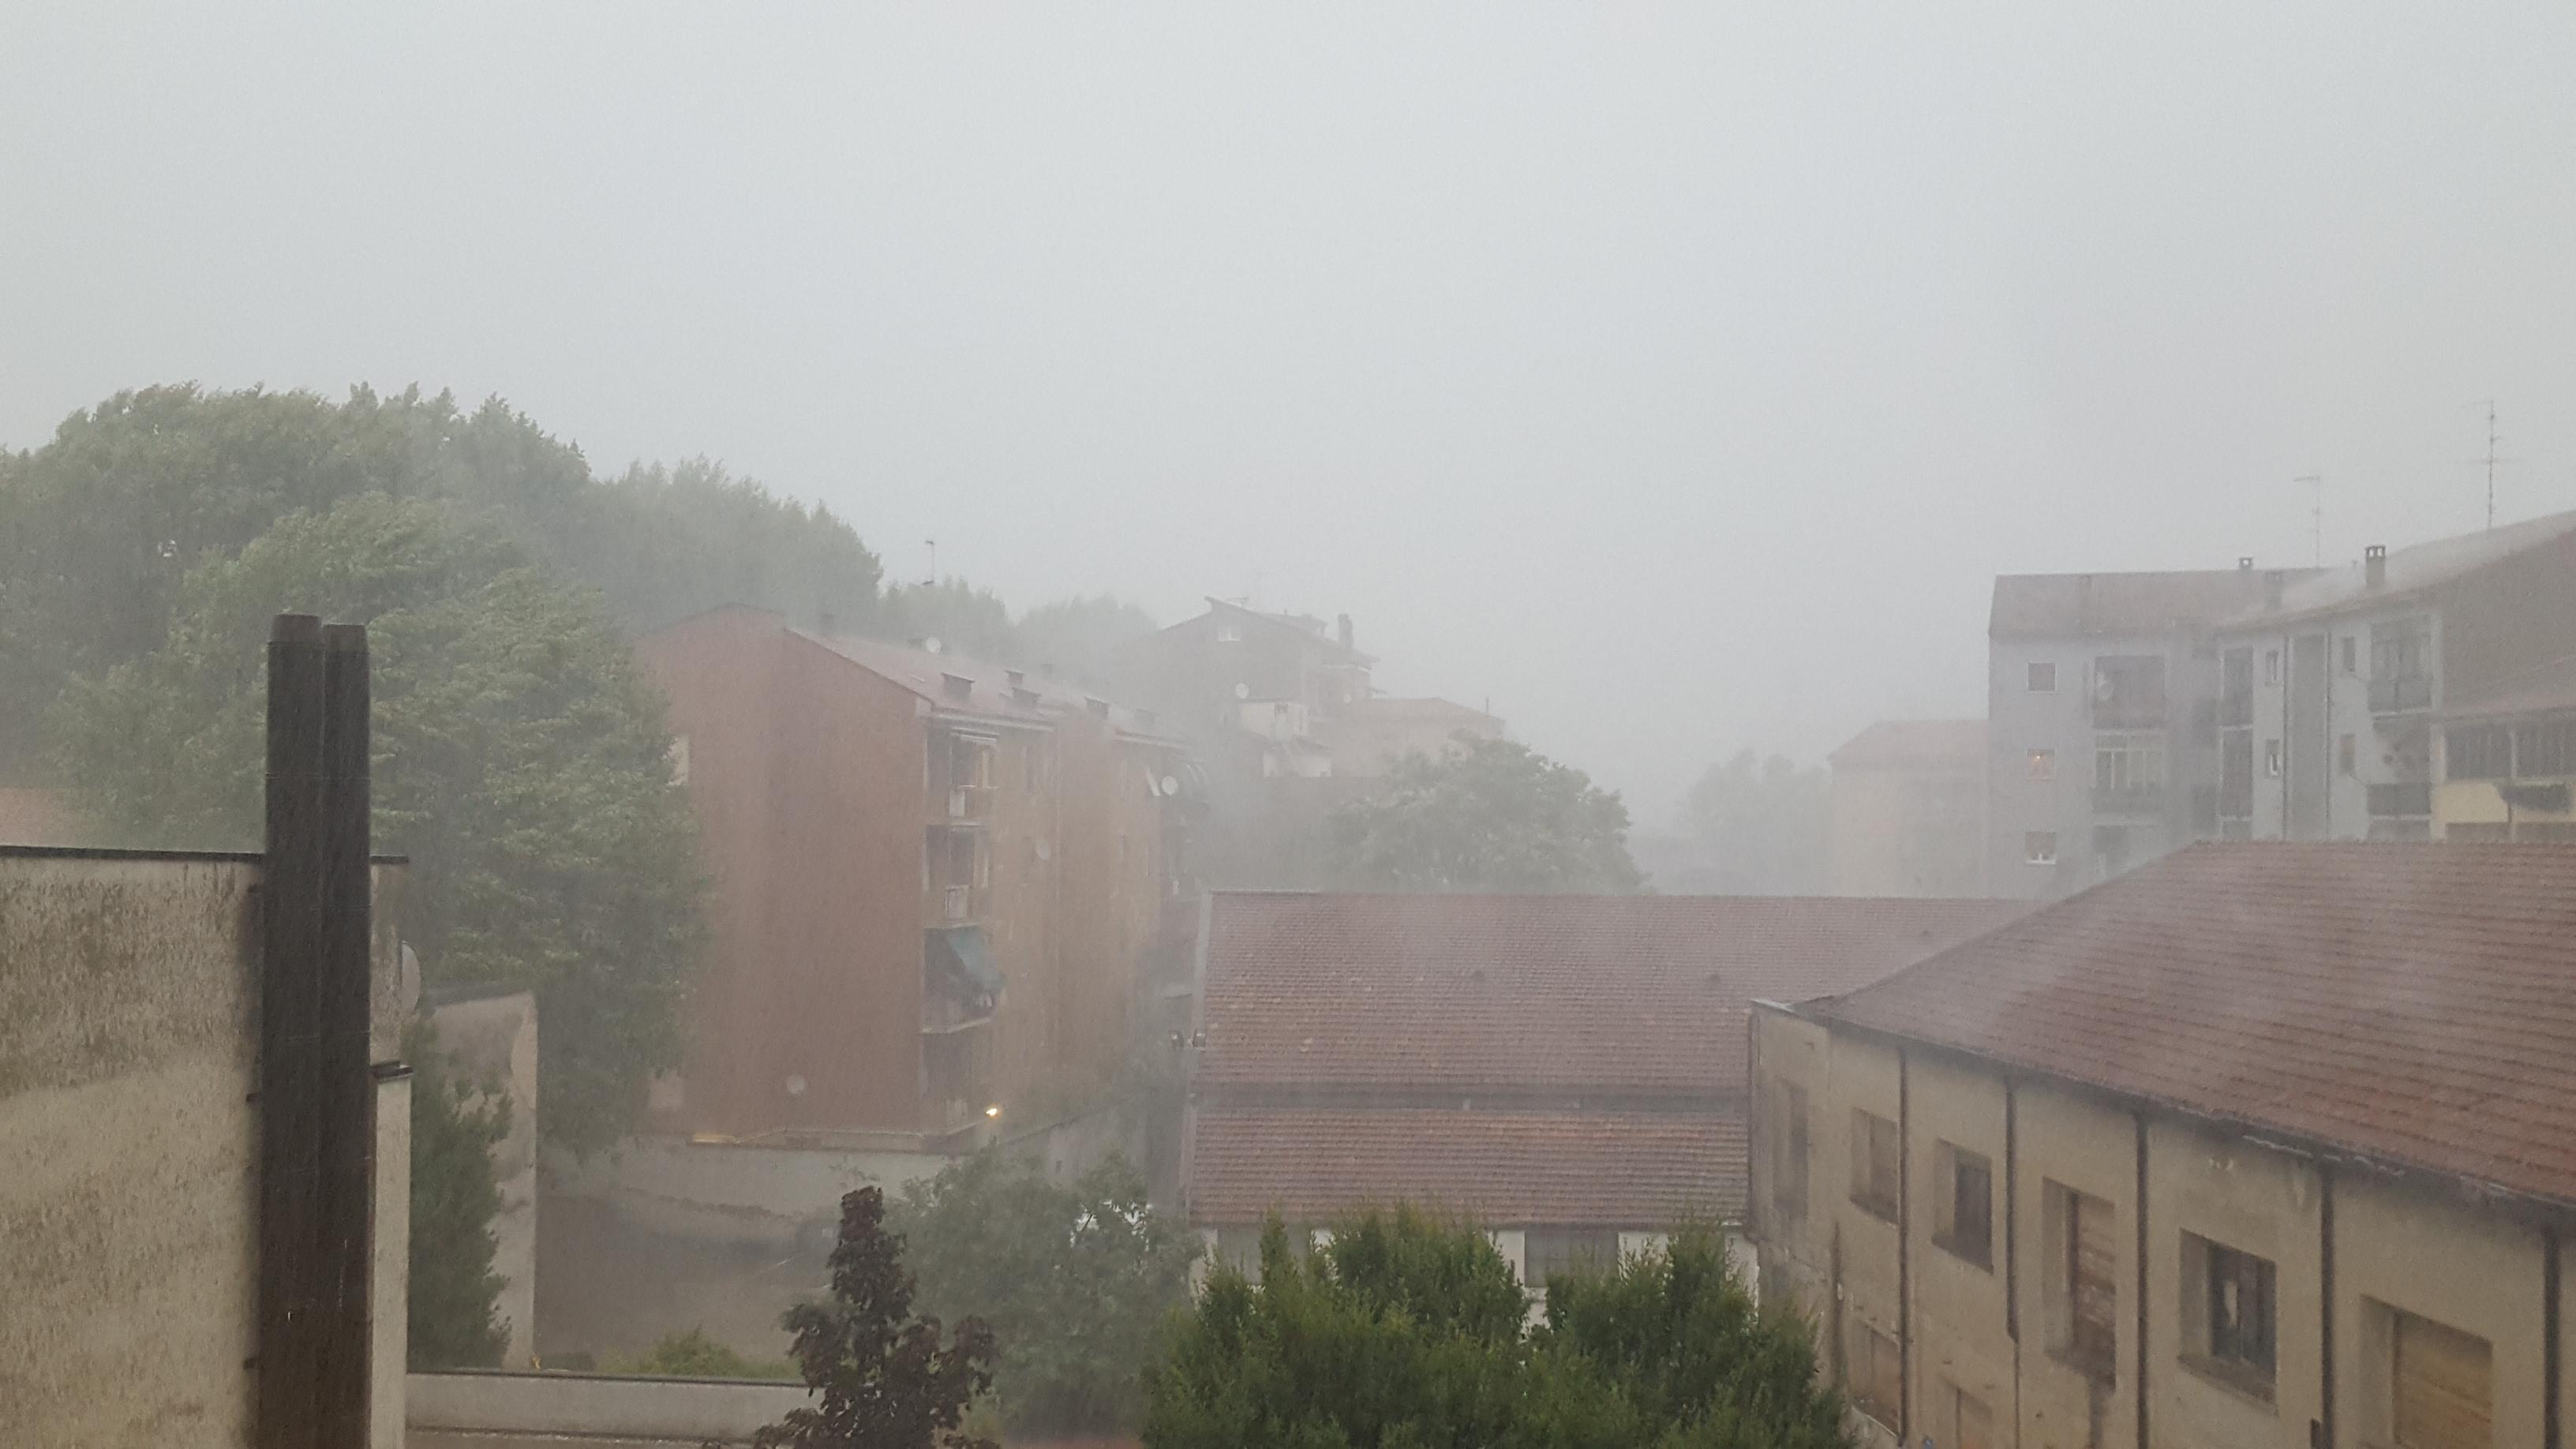 Allerta meteo: maltempo nel weekend con forti temporali